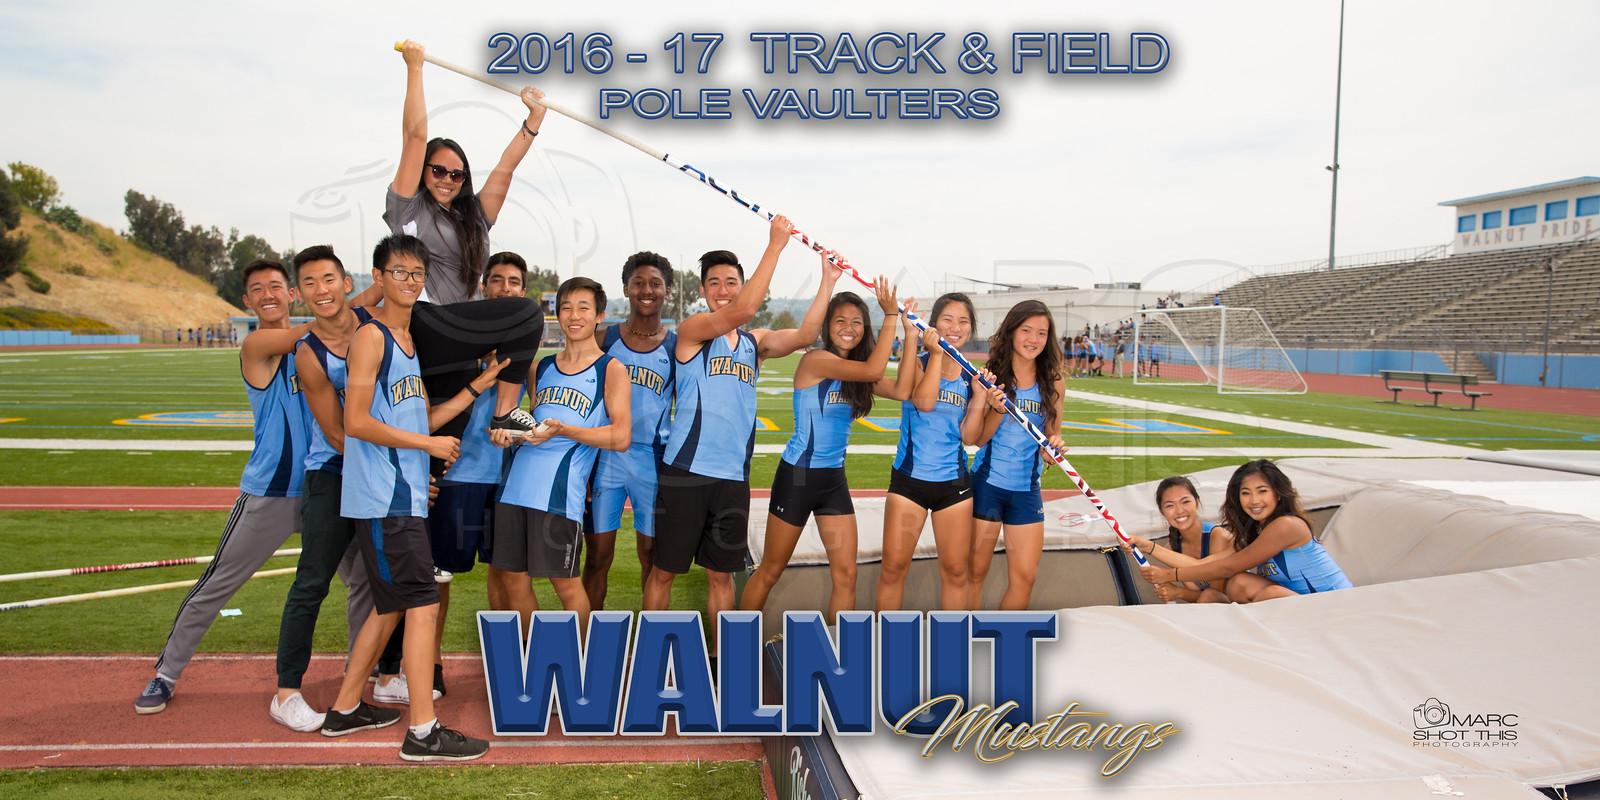 walnut track & field pole vaulters